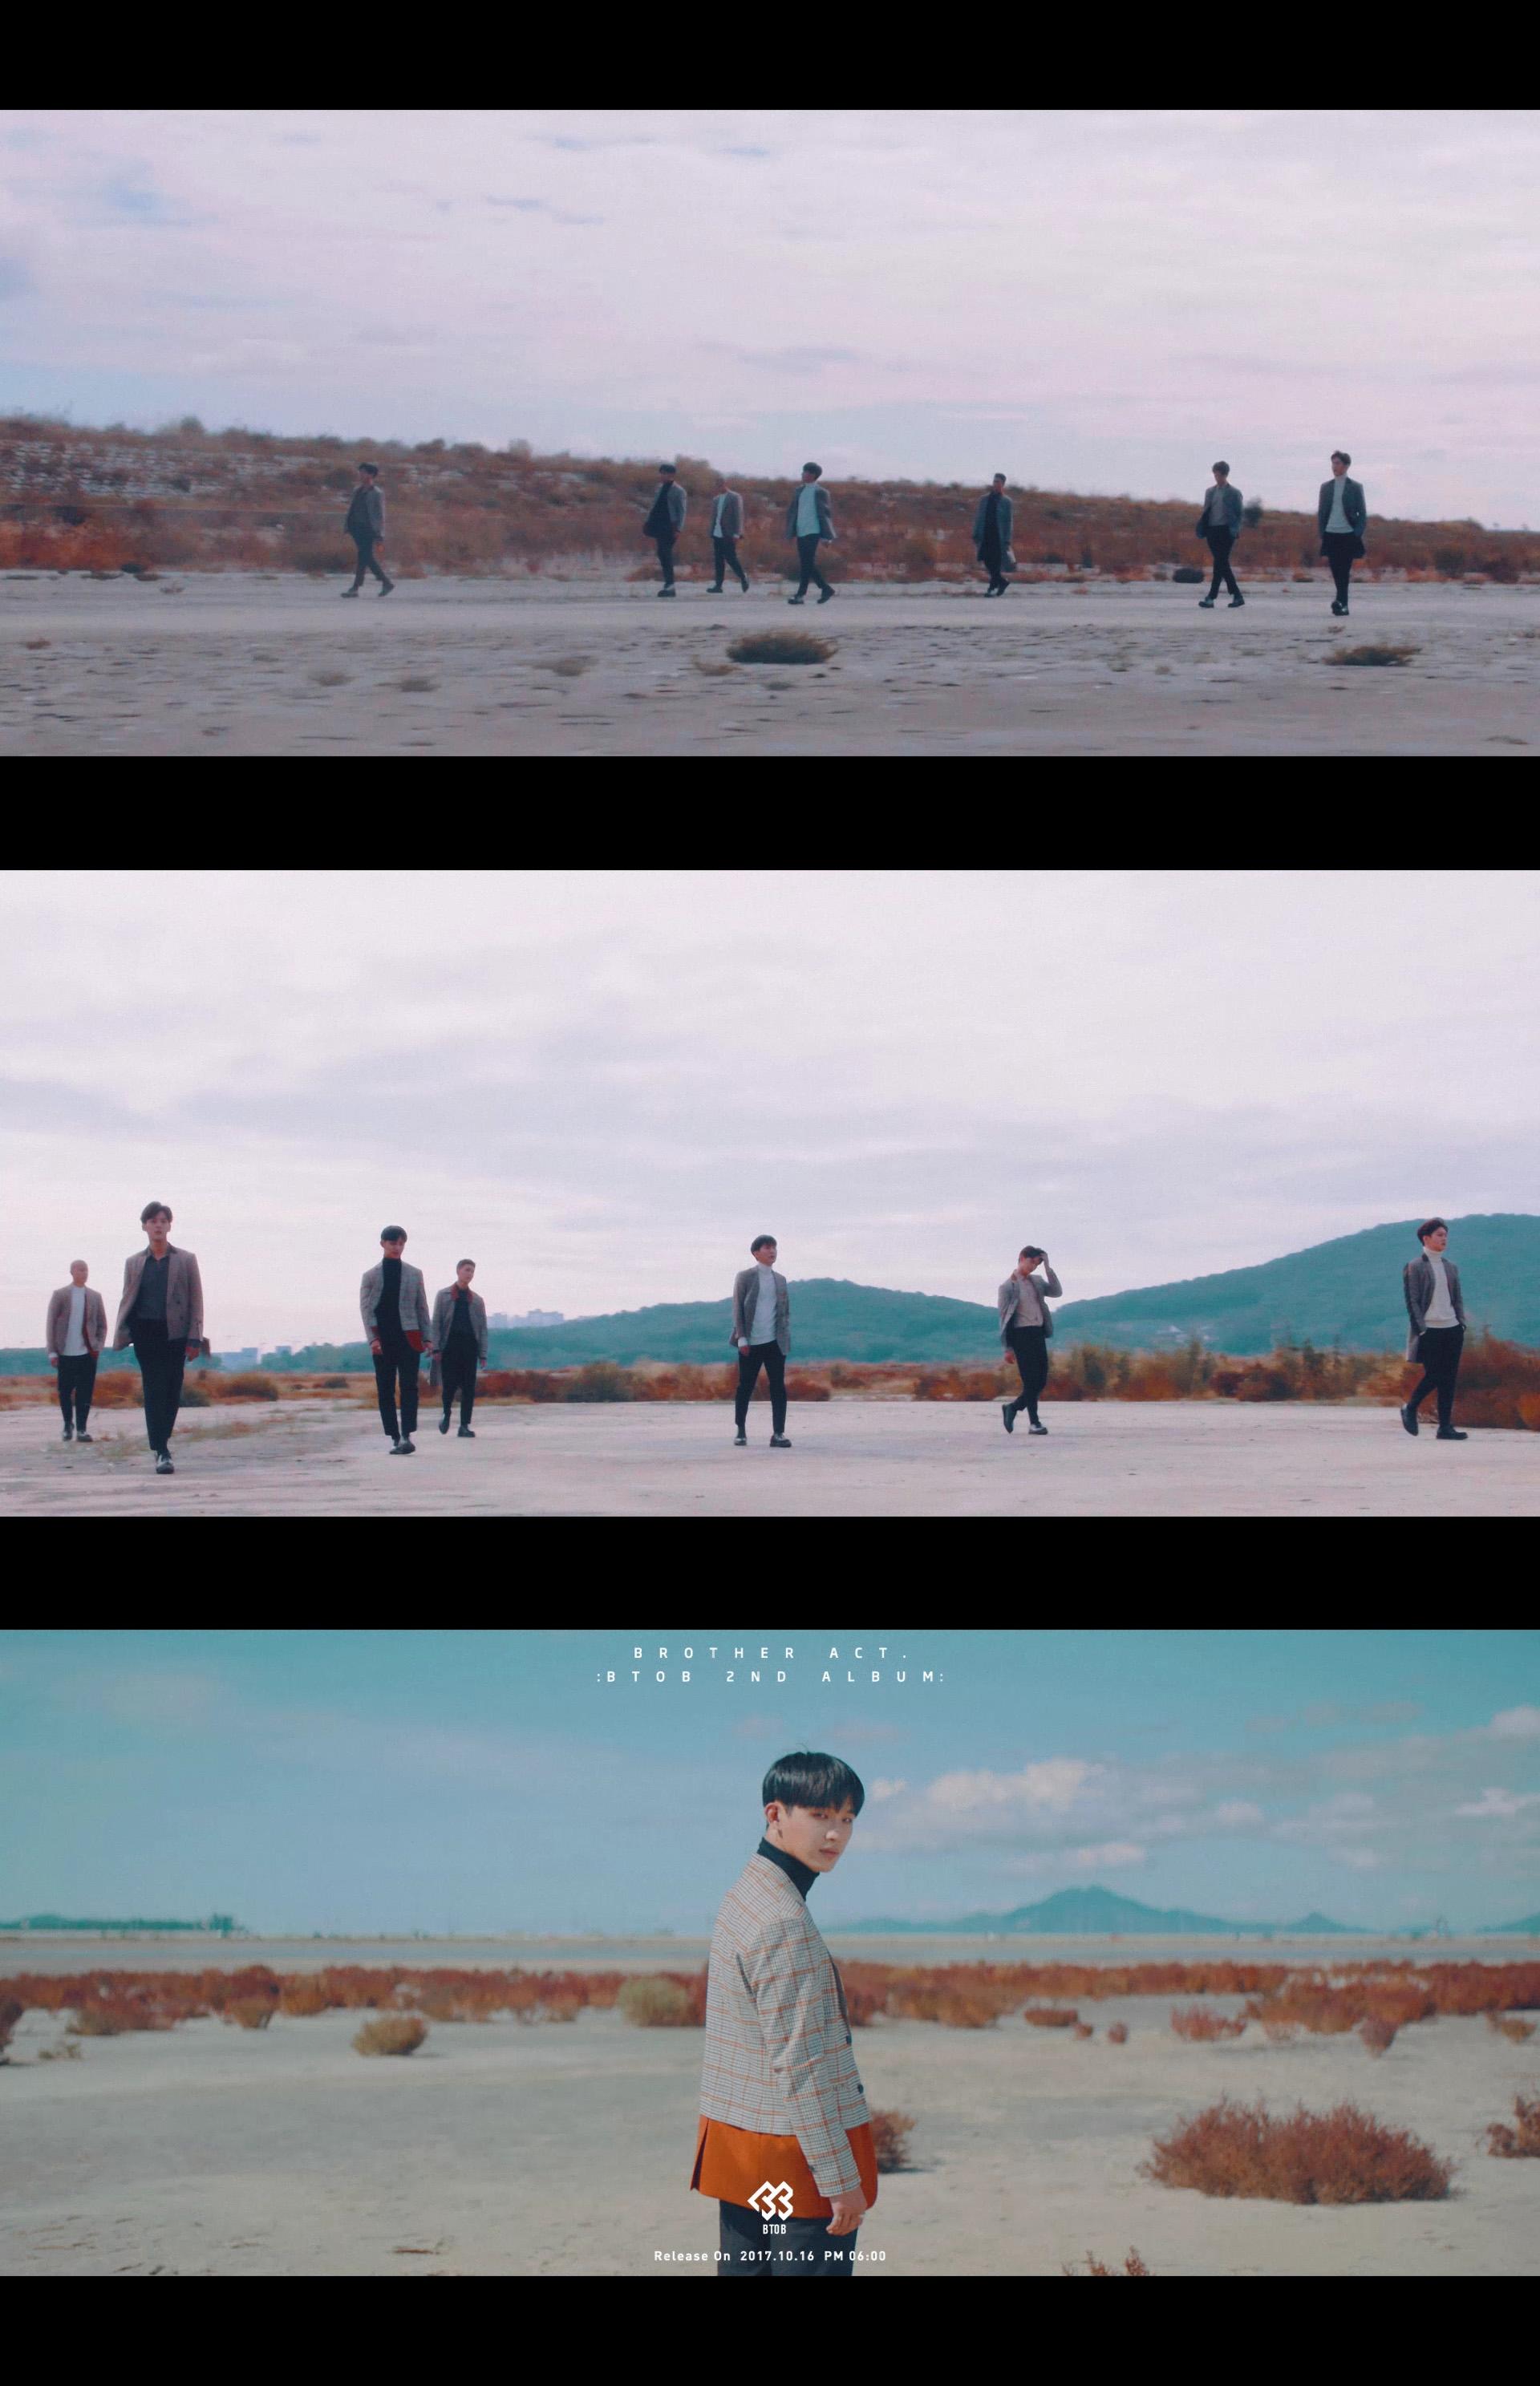 비투비, 쓸쓸함 담은 '그리워하다' MV 티저 영상 공개 '기대감 UP'